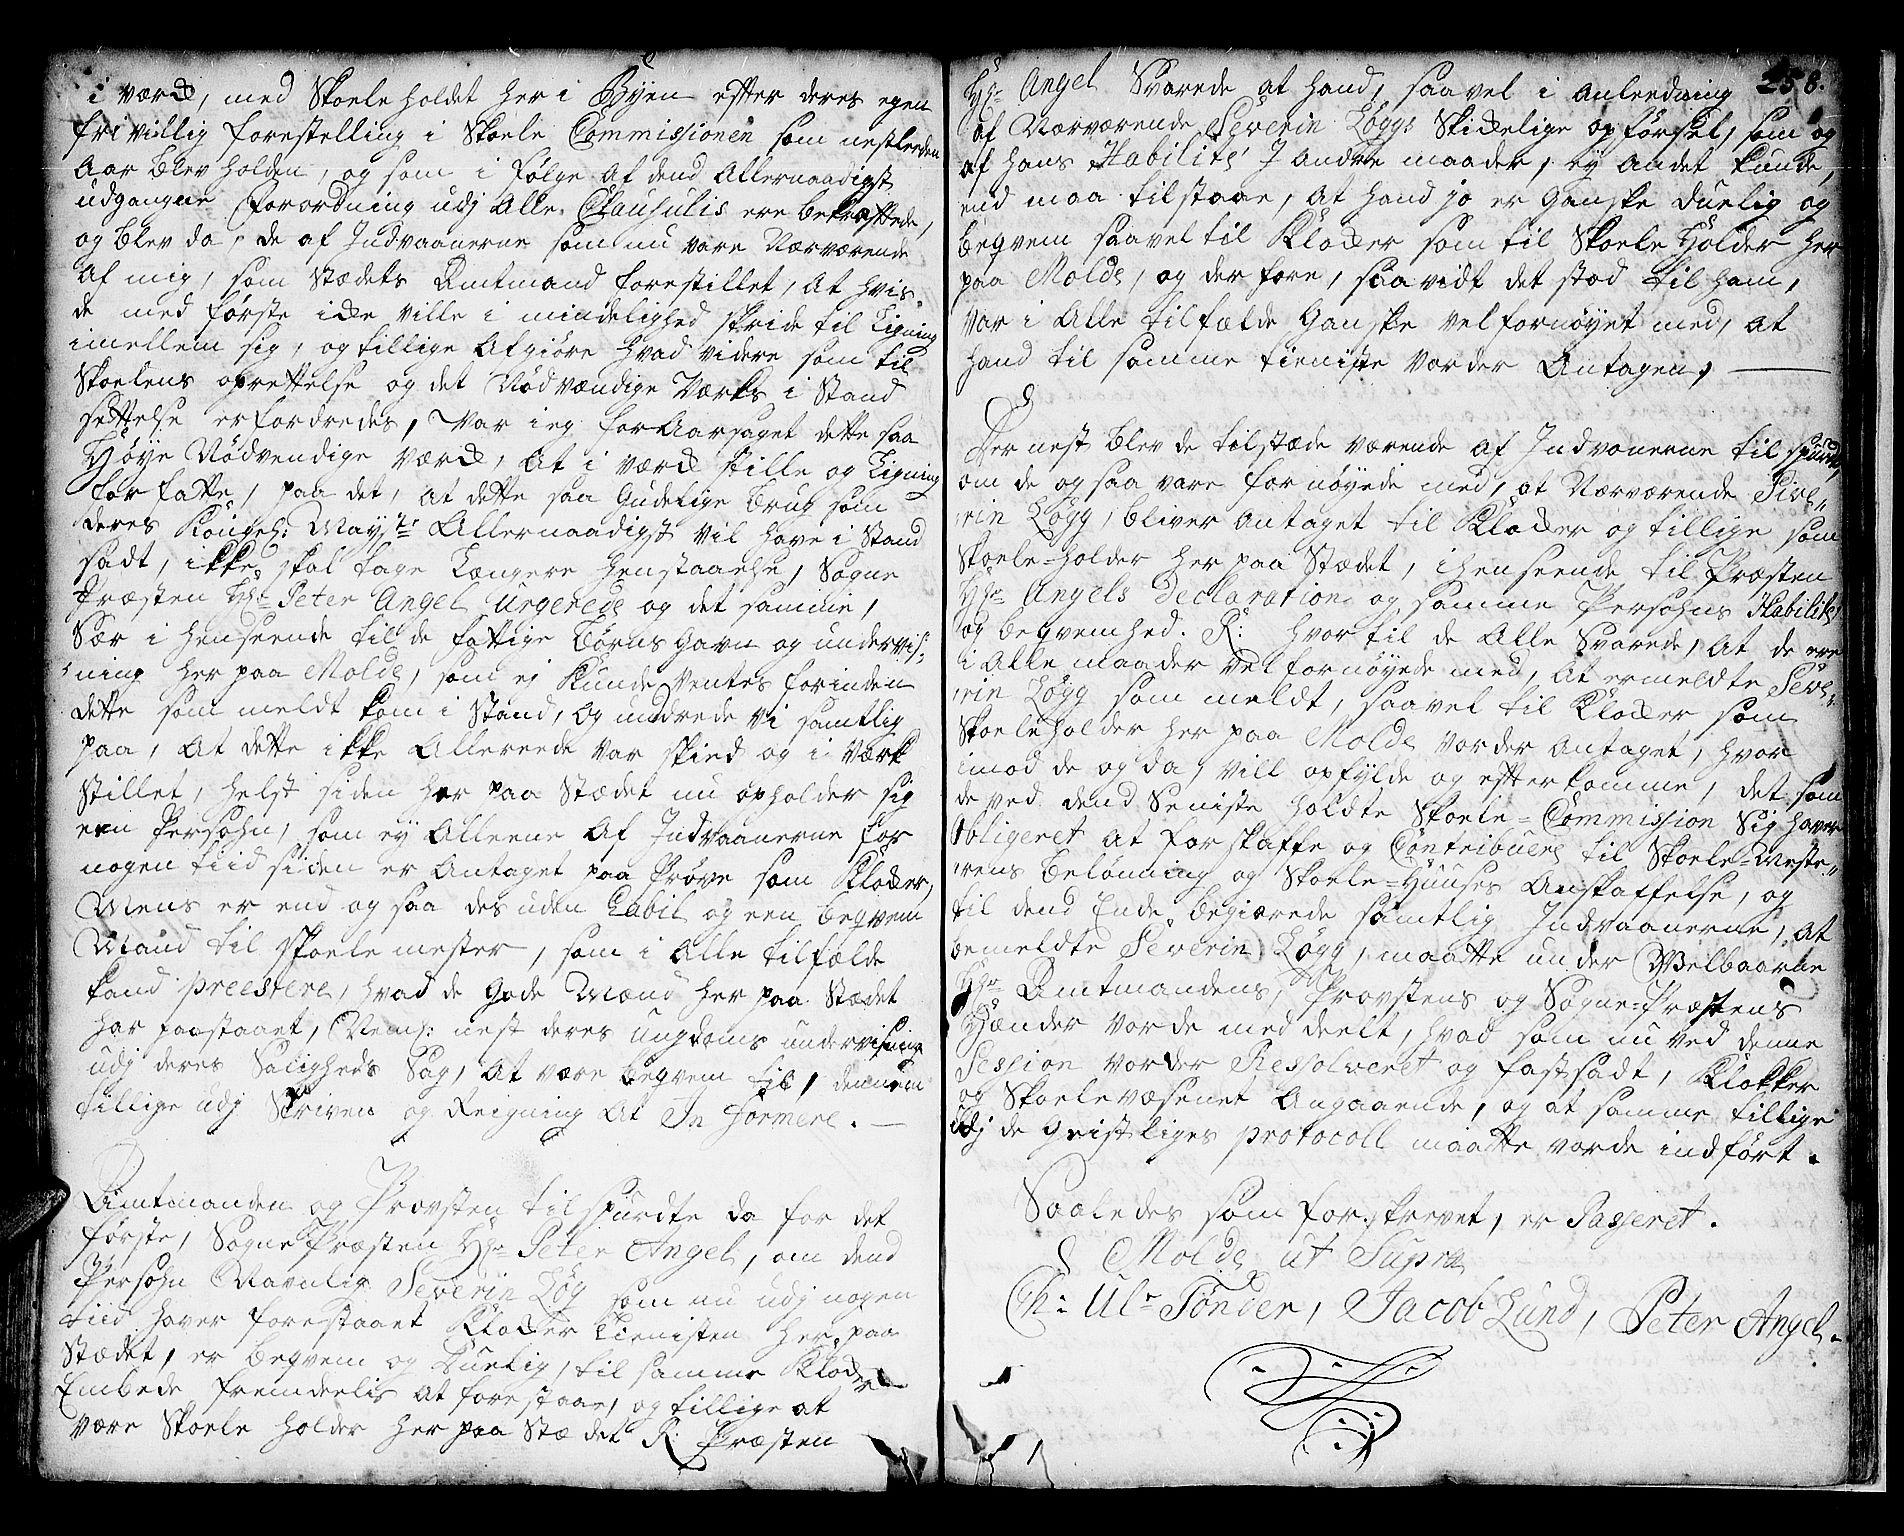 SAT, Romsdal prosti, I/I1/L0001: Retts- og skifteprotokoll m/register, 1706-1749, p. 257b-258a